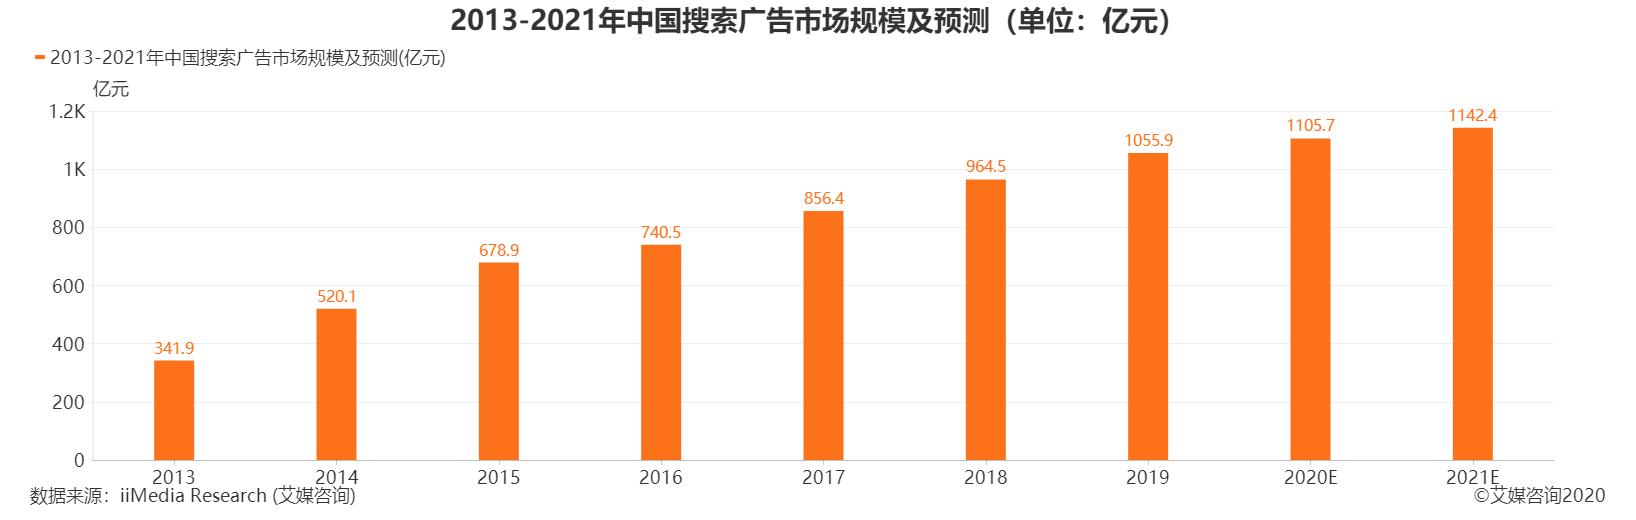 2013-2020年中国搜索广告市场规模及预测